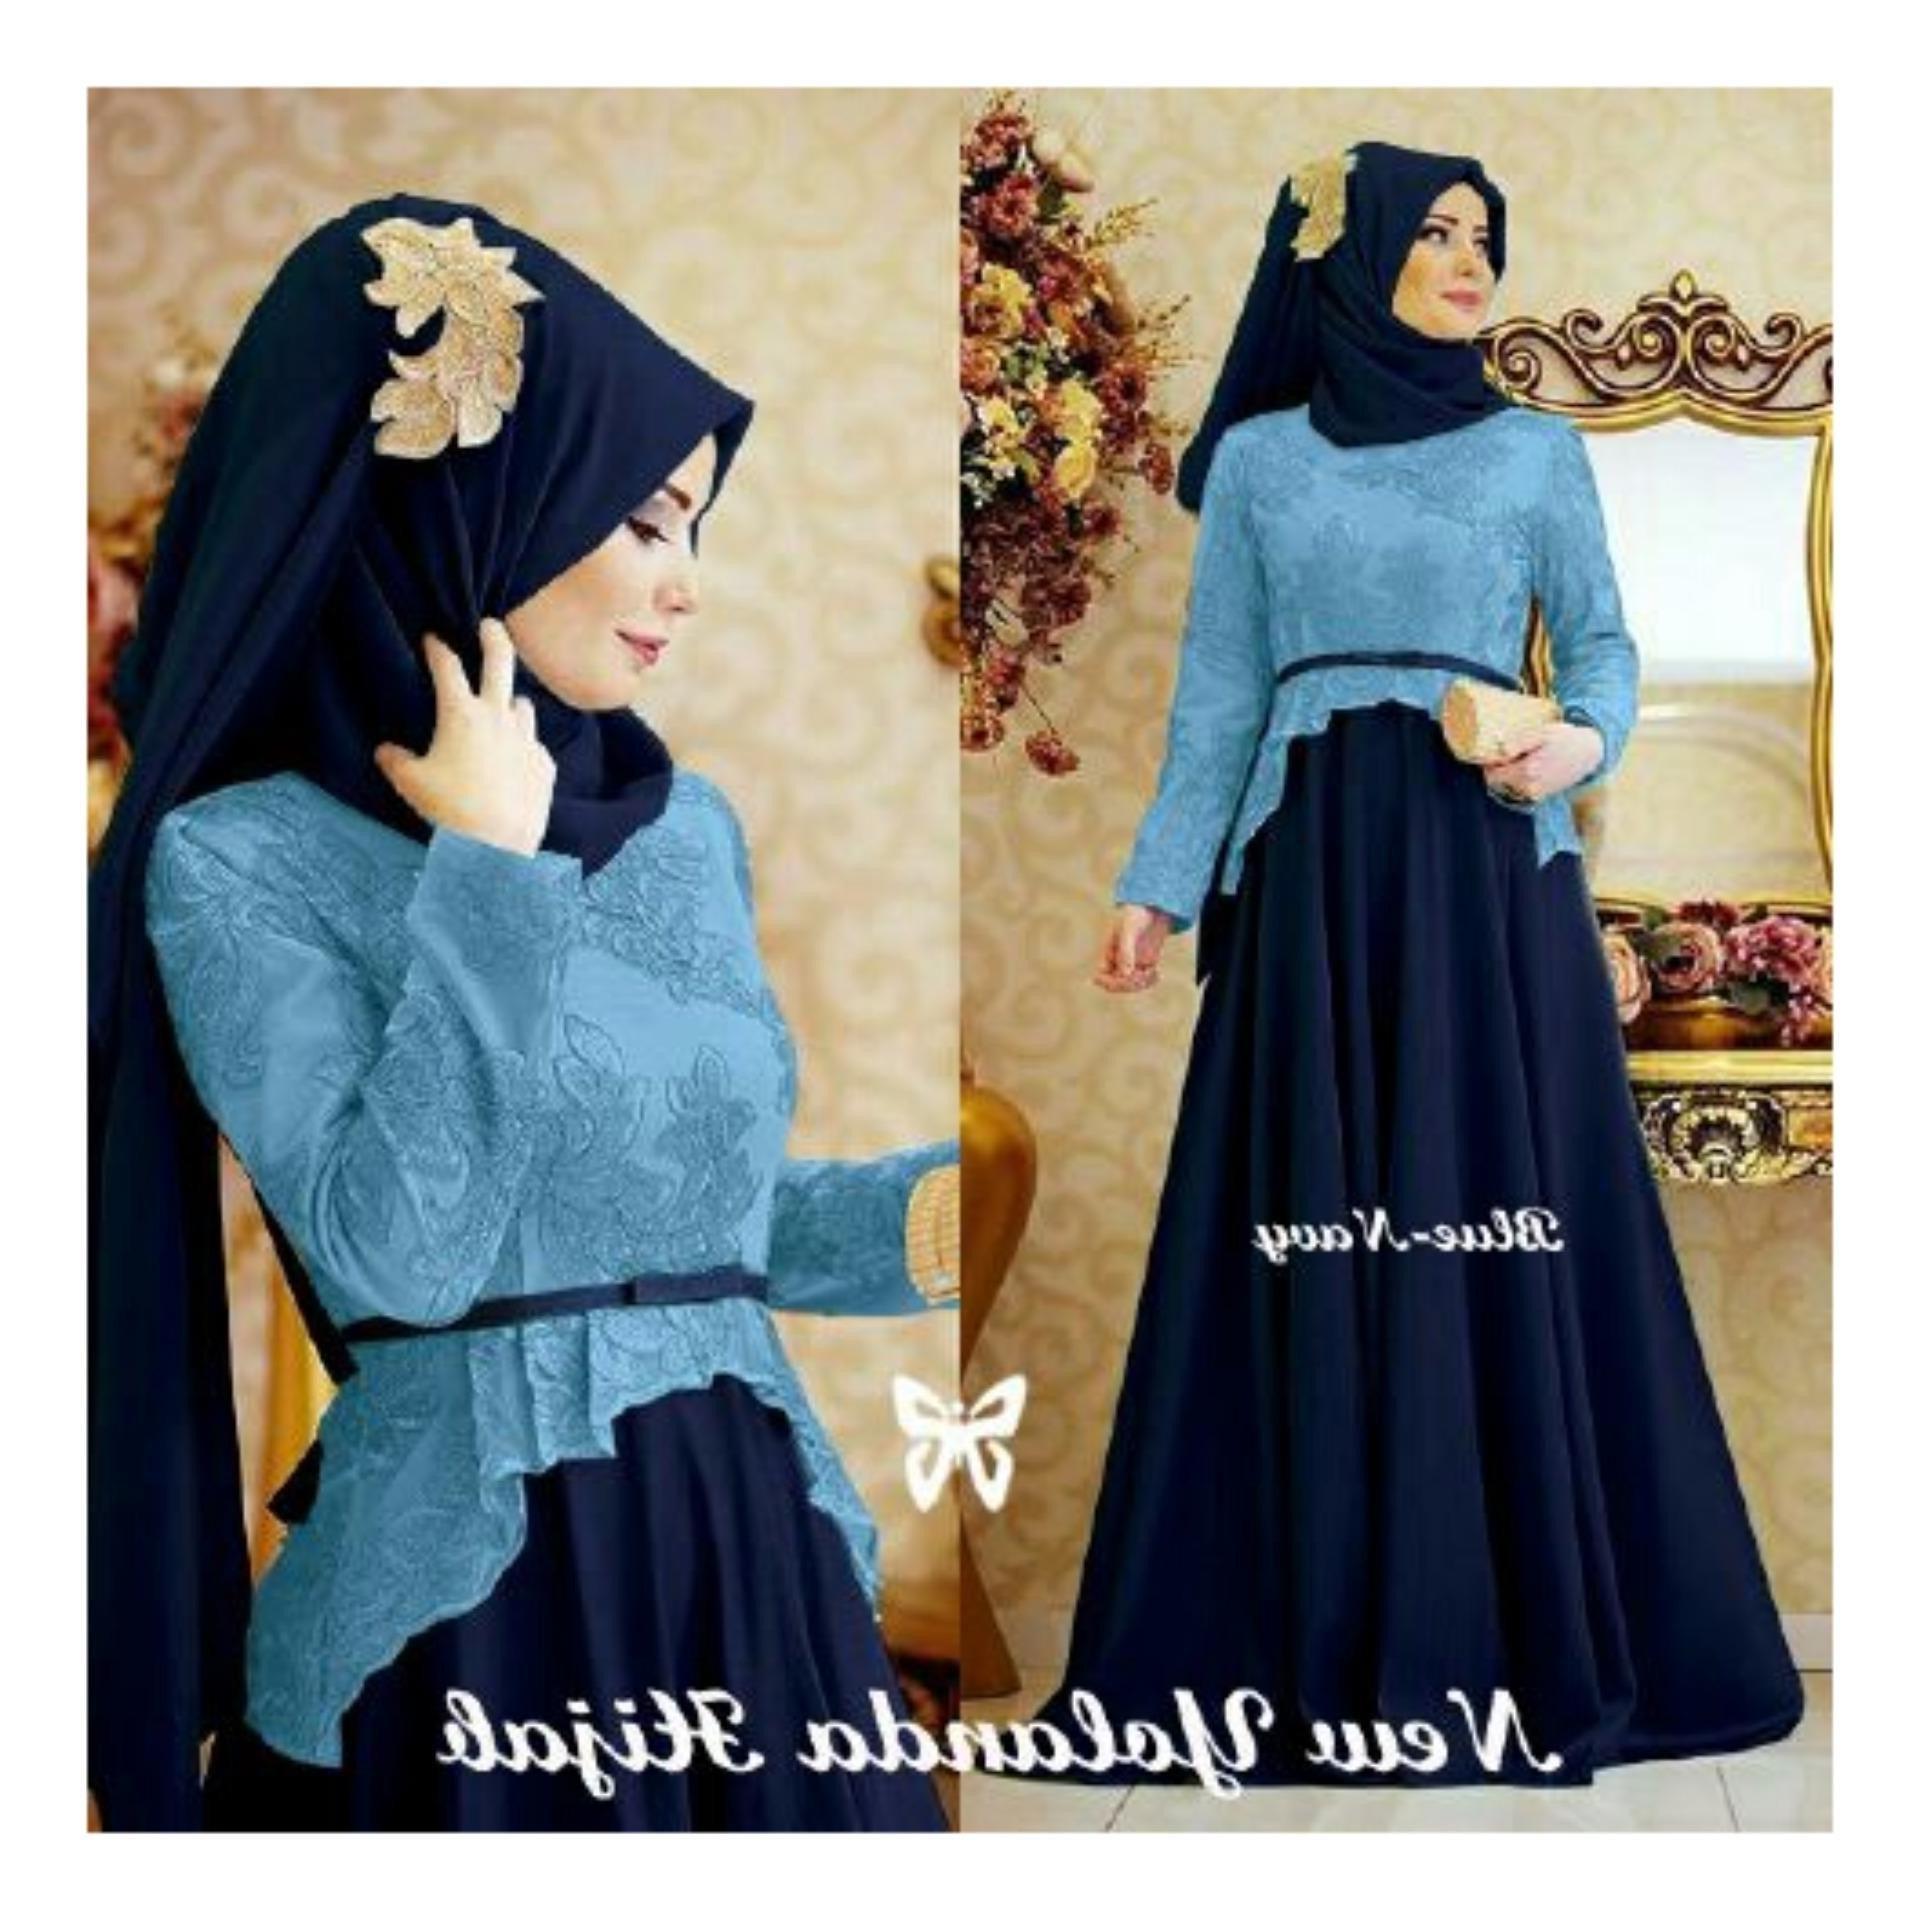 Bentuk Gaun Pengantin Muslimah Terbaru O2d5 Gaun Pengantin Muslimah Bagus Jual Mainboard W210cumb 0d